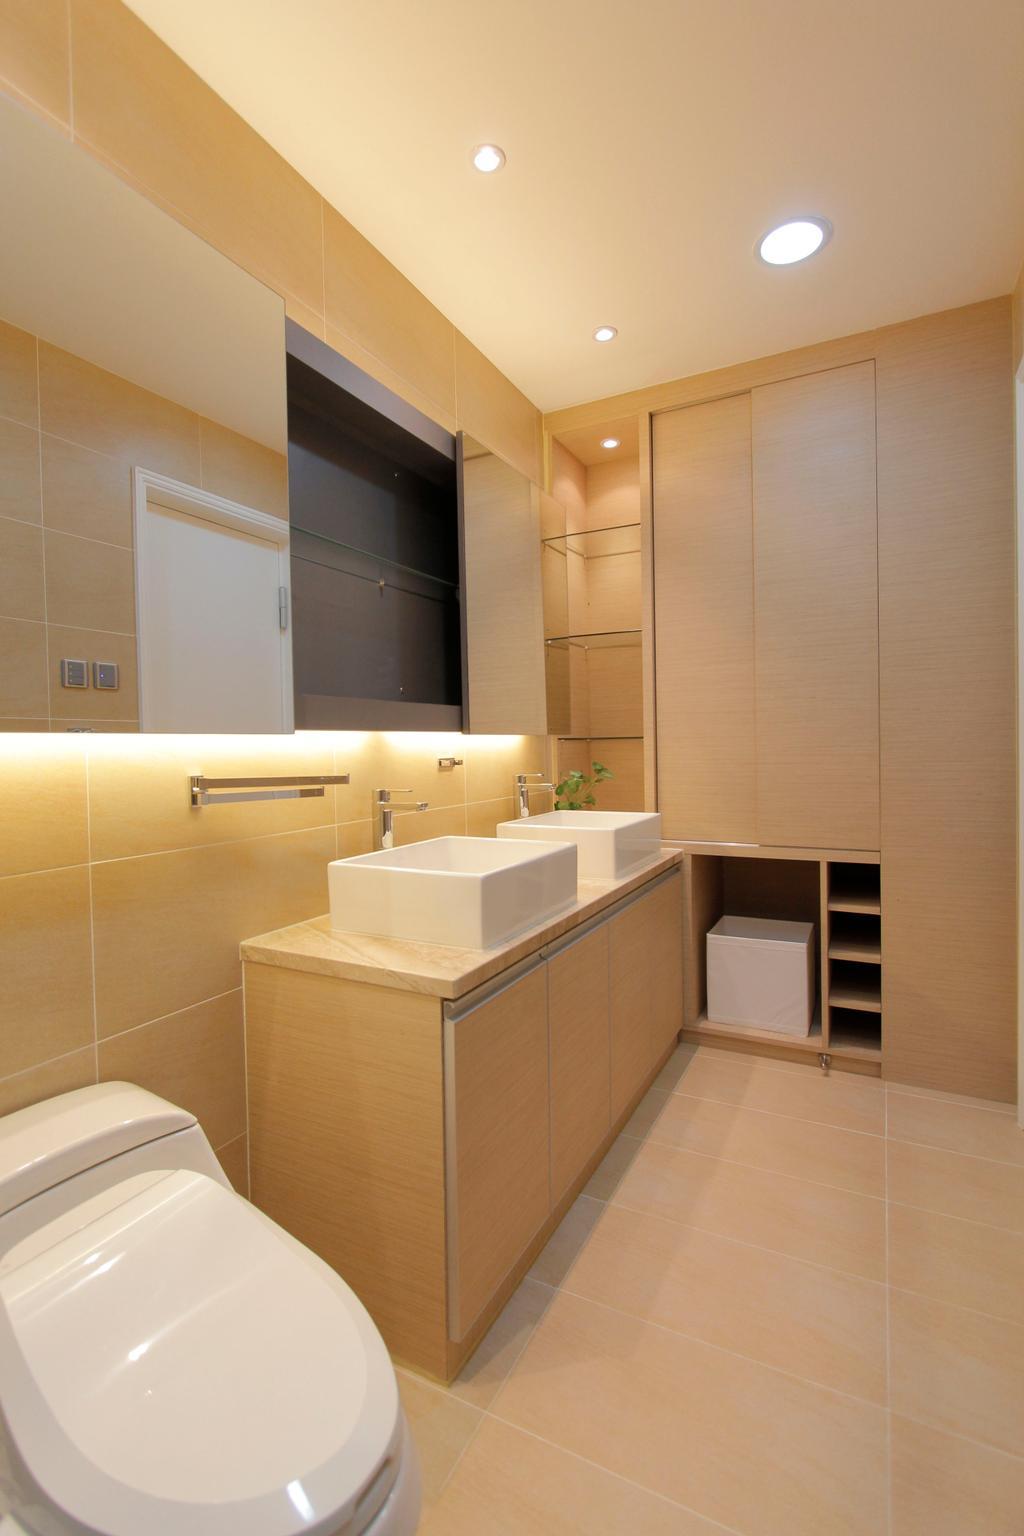 摩登, 獨立屋, 浴室, 加州花園, 室內設計師, 和生設計, Indoors, Interior Design, Room